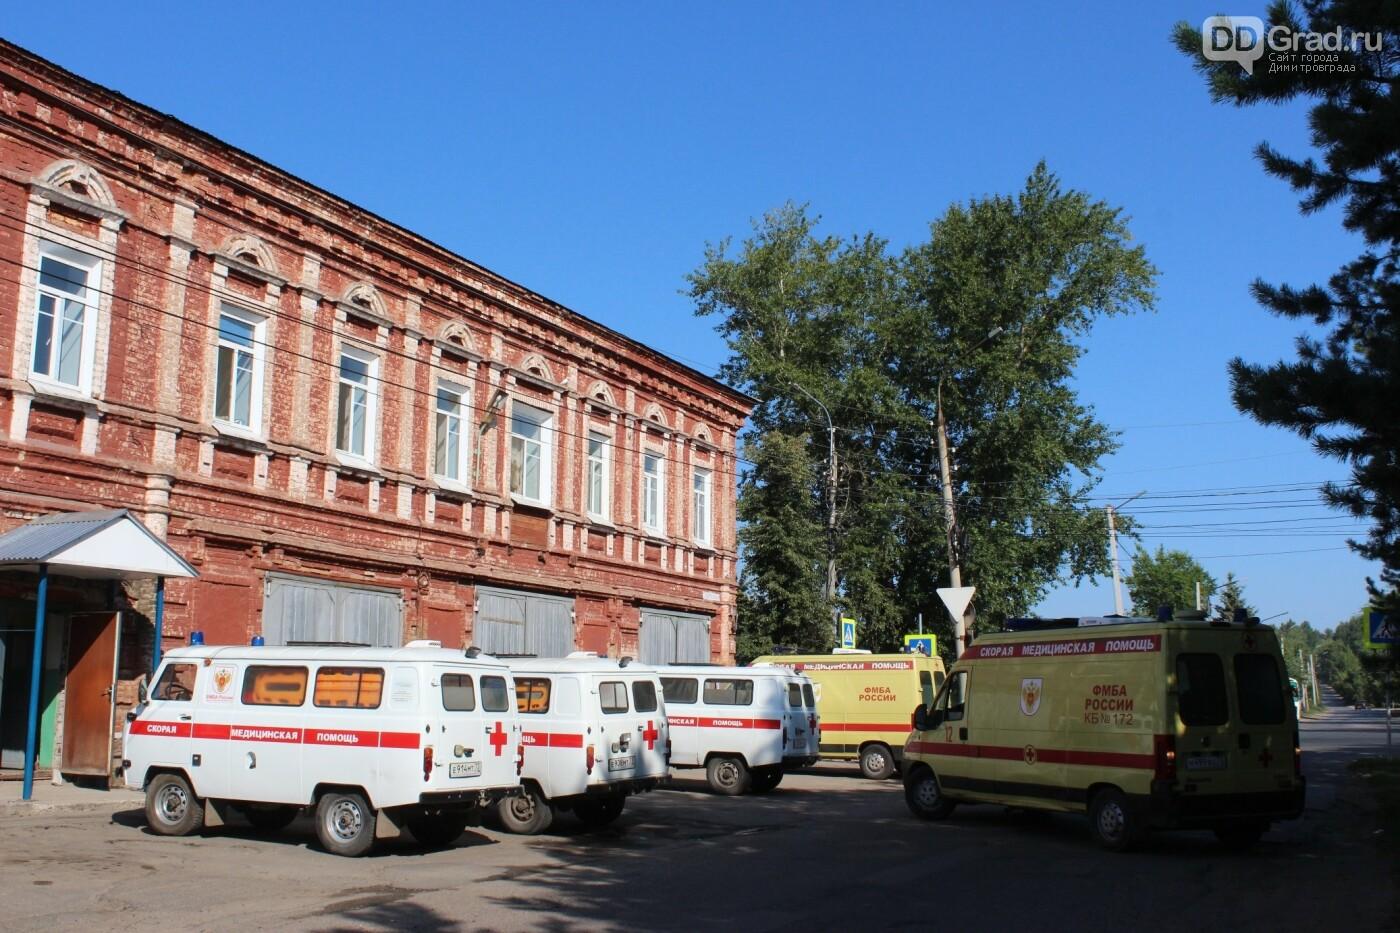 В Димитровграде переезжает городская Станция скорой медицинской помощи , фото-3